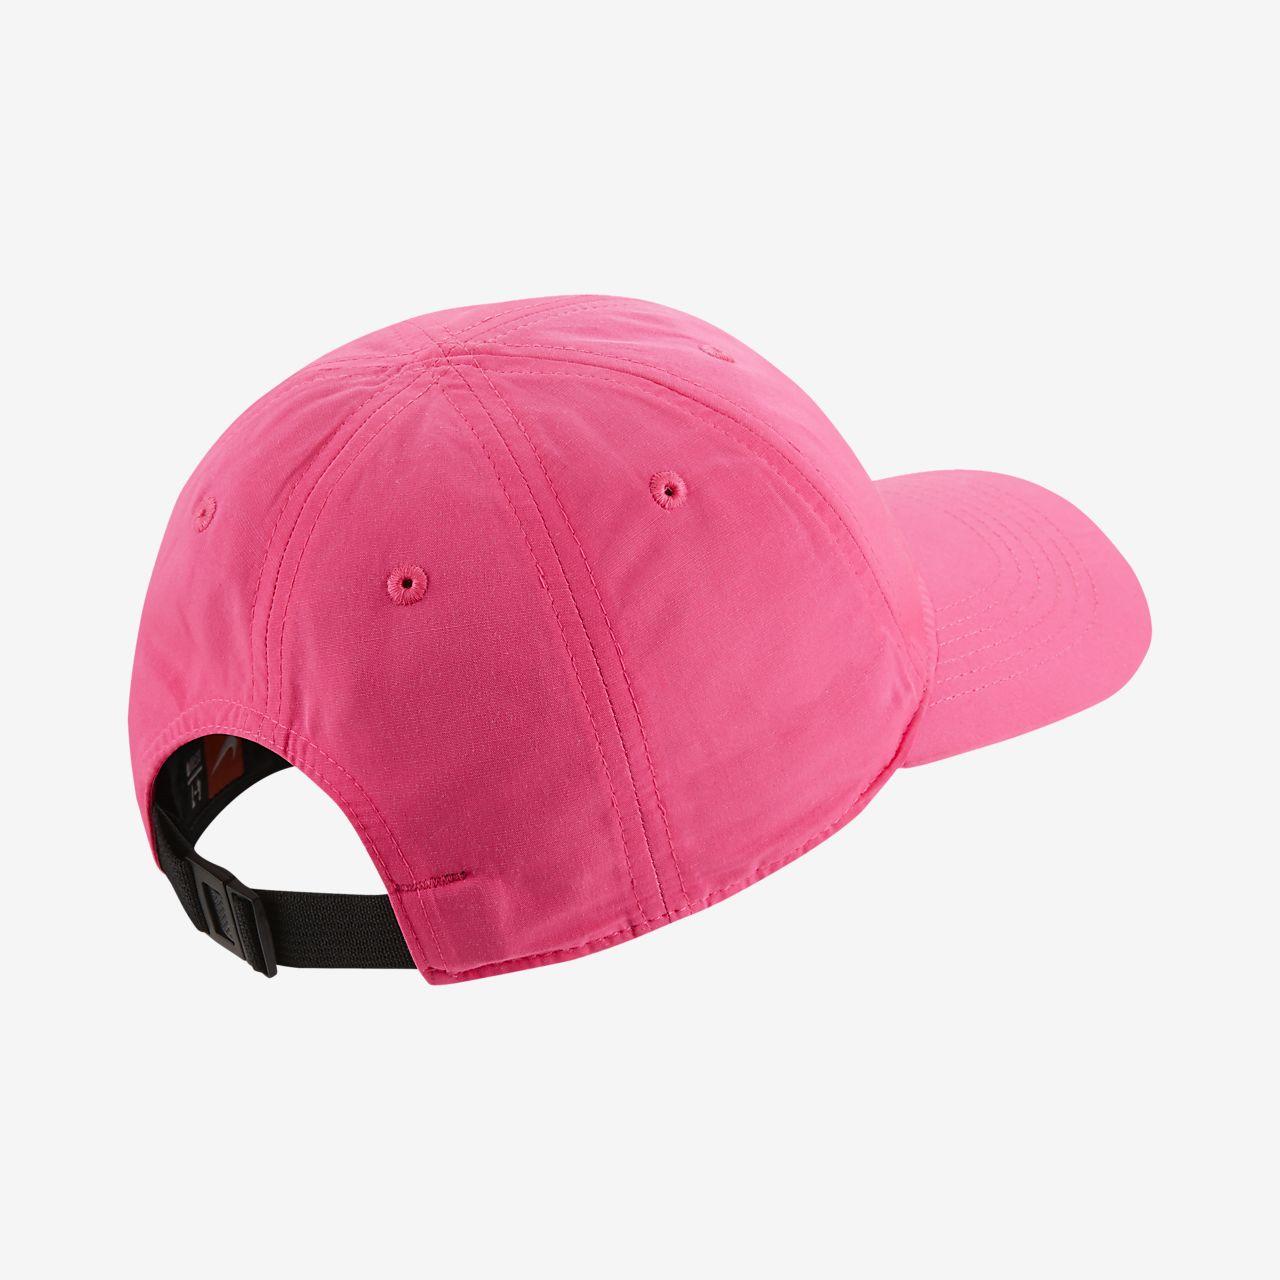 68d976023de Nike H86 Metal Swoosh Younger Kids  Adjustable Hat. Nike.com NL